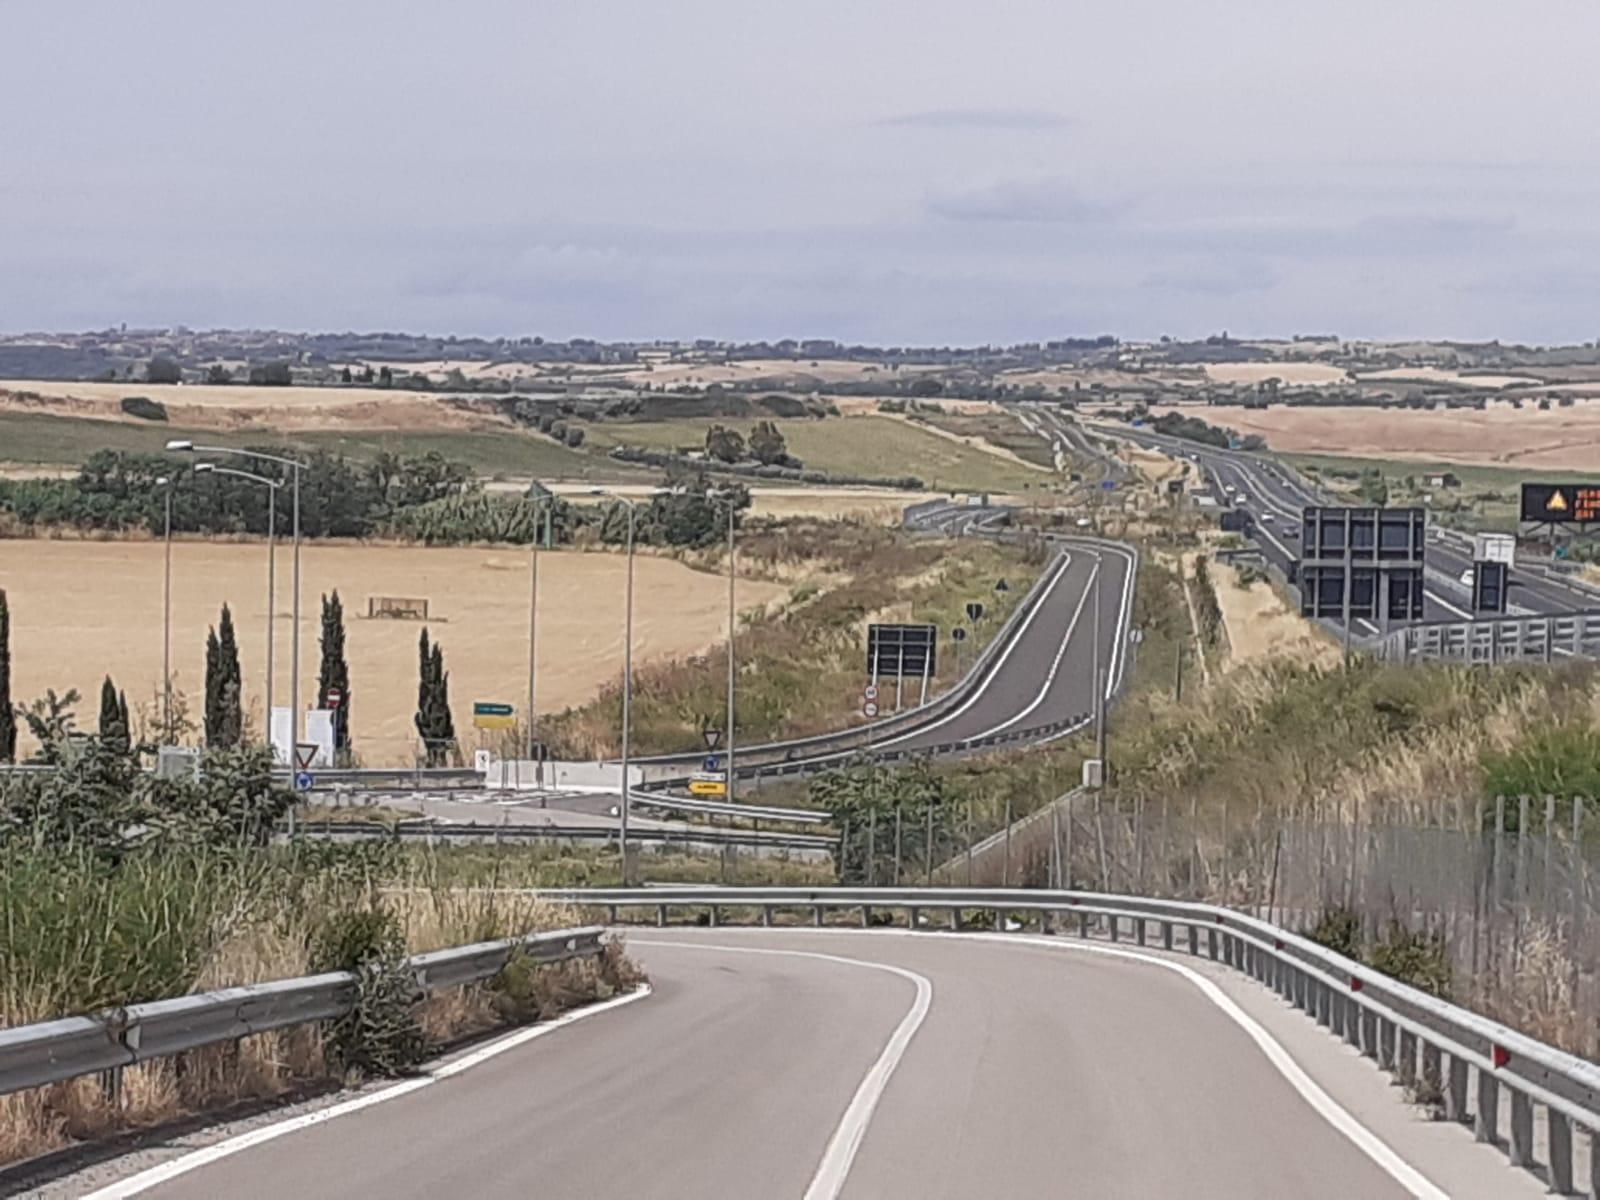 Autostrada. Complanari: è l'ora dell'apertura